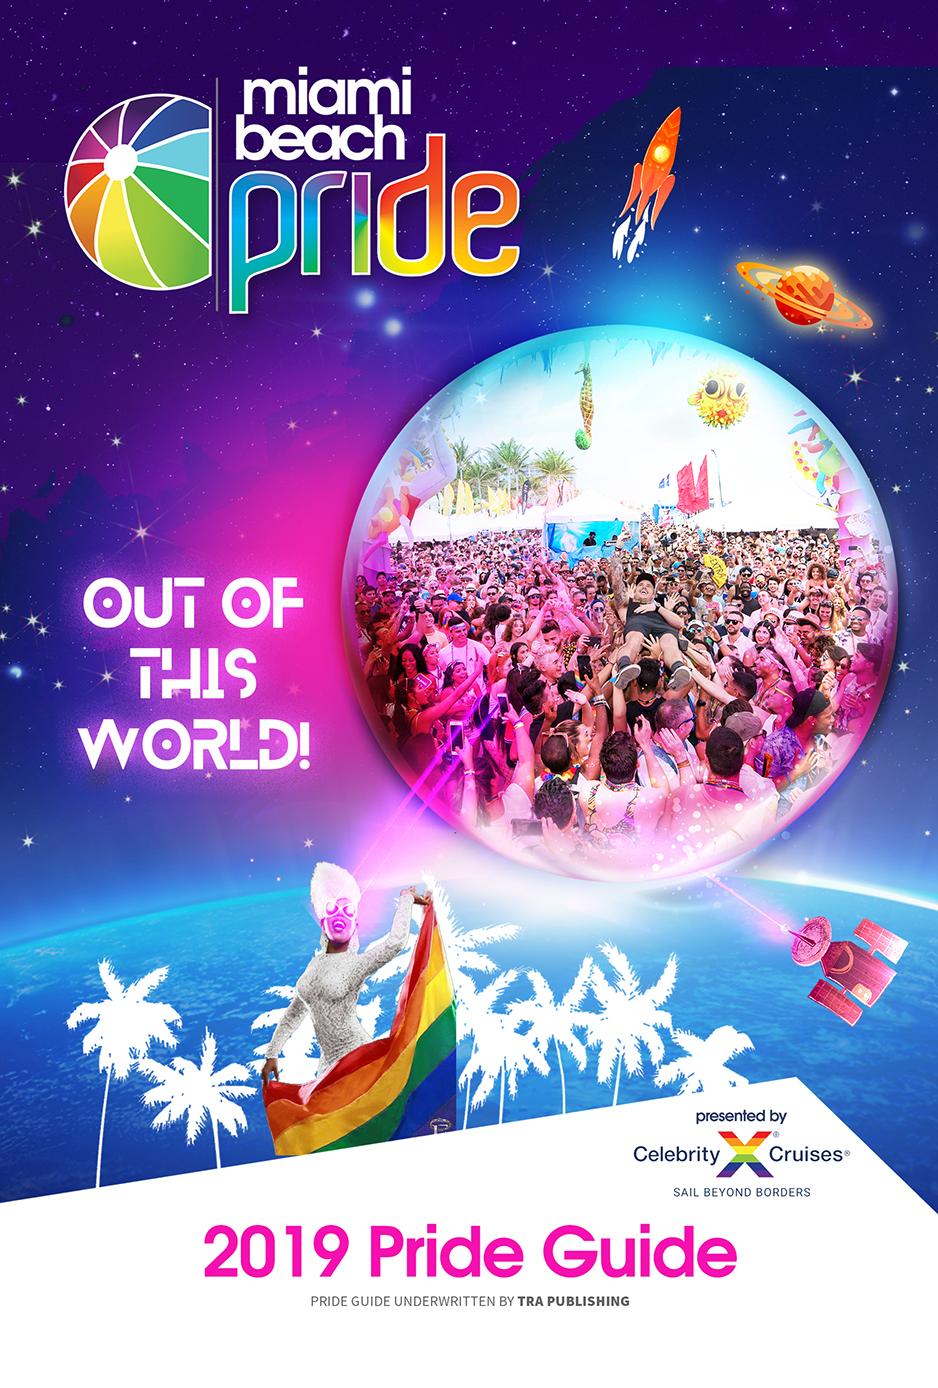 Miami Beach Pride Guide